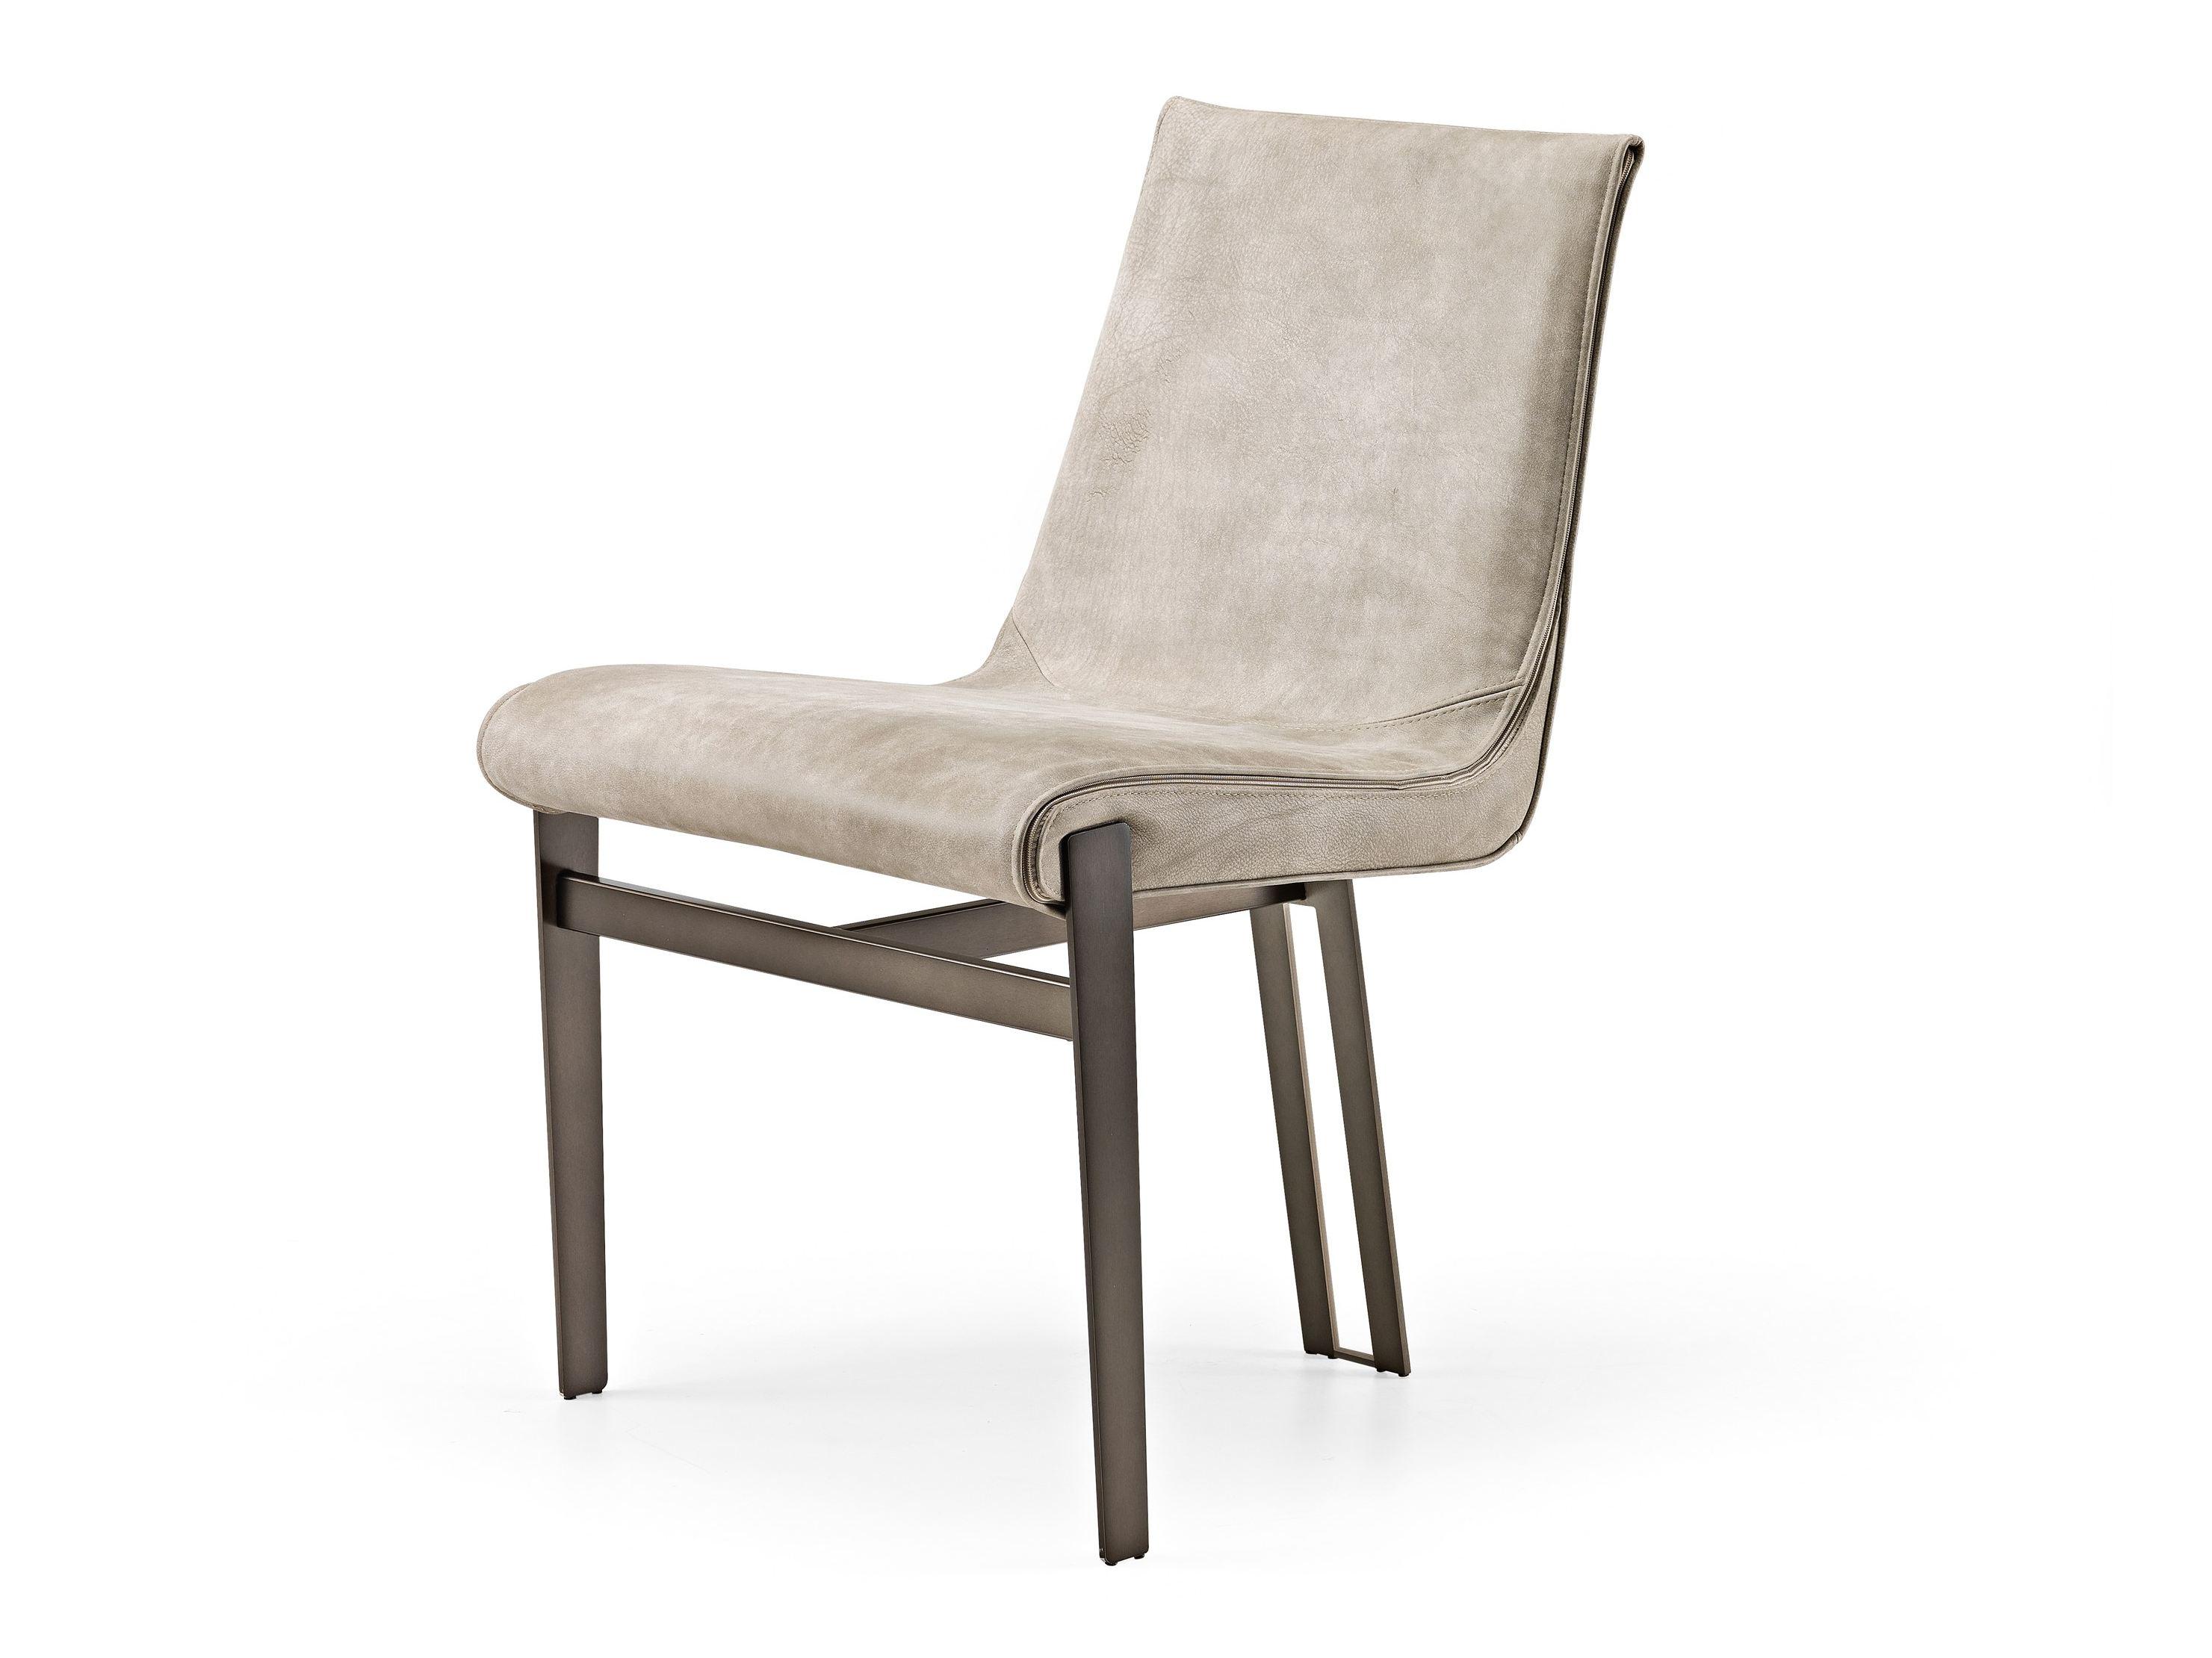 De venus eetkamerstoel van arketipo wijkt af van de klassieke vormgeving om een nieuwe minimalistische en ...